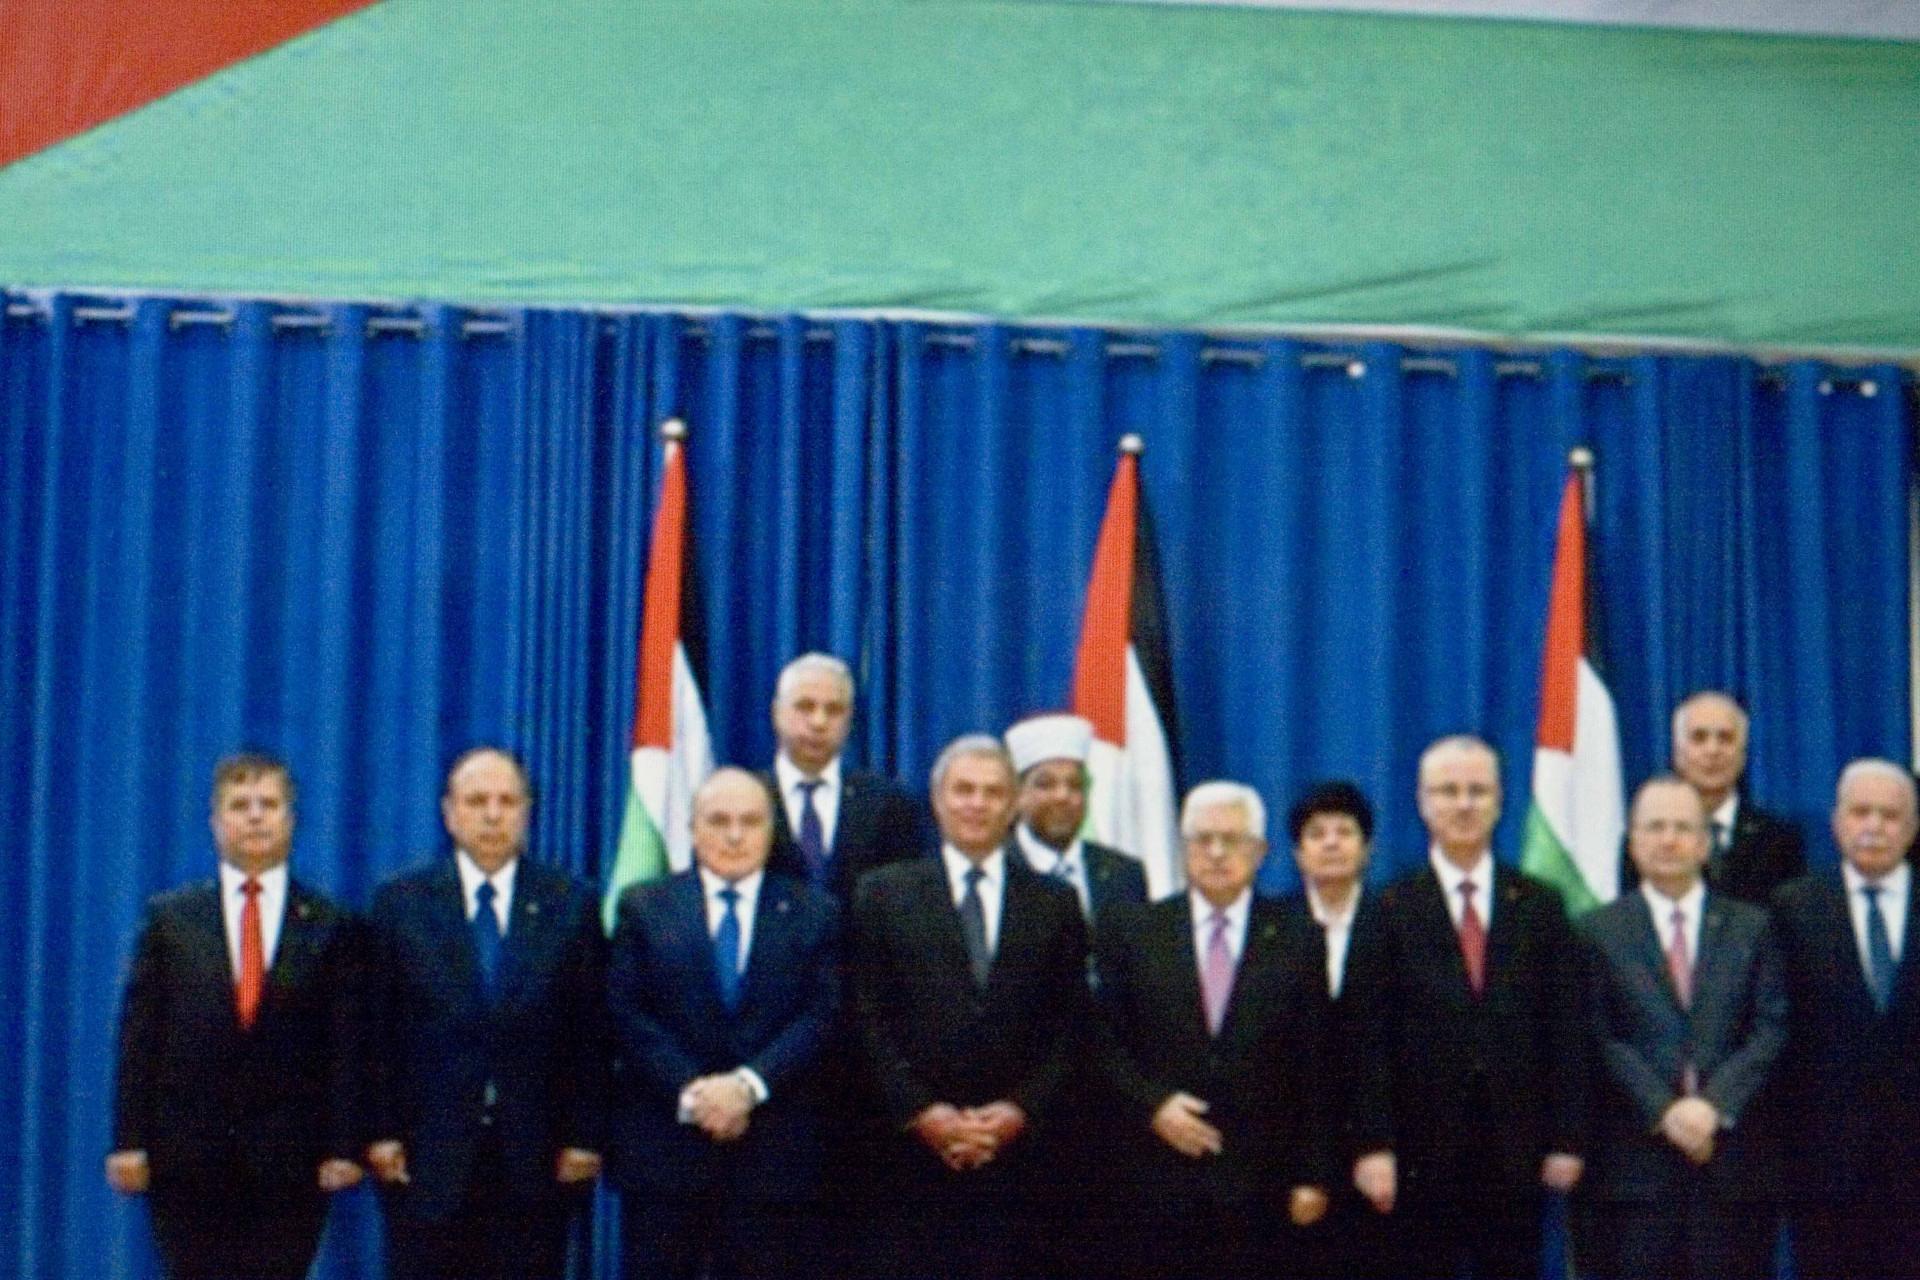 認同自決權 瑞典宣布承認巴勒斯坦國